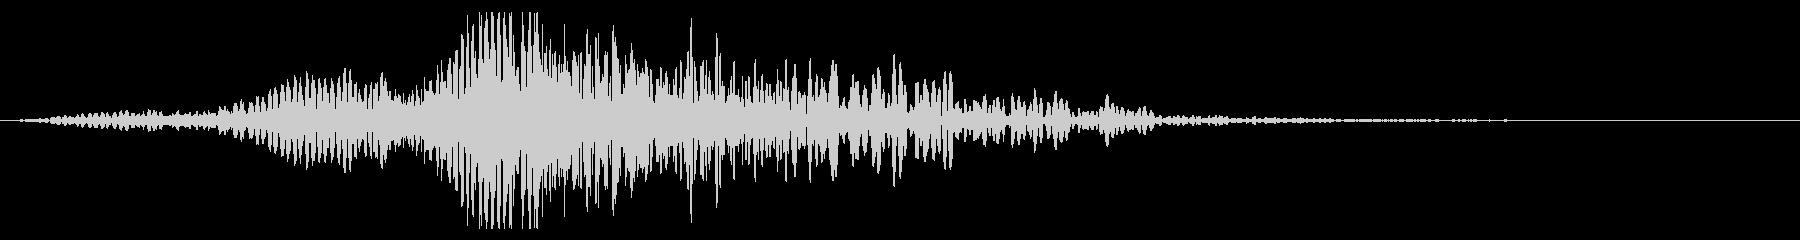 ホラー系アタック音122の未再生の波形